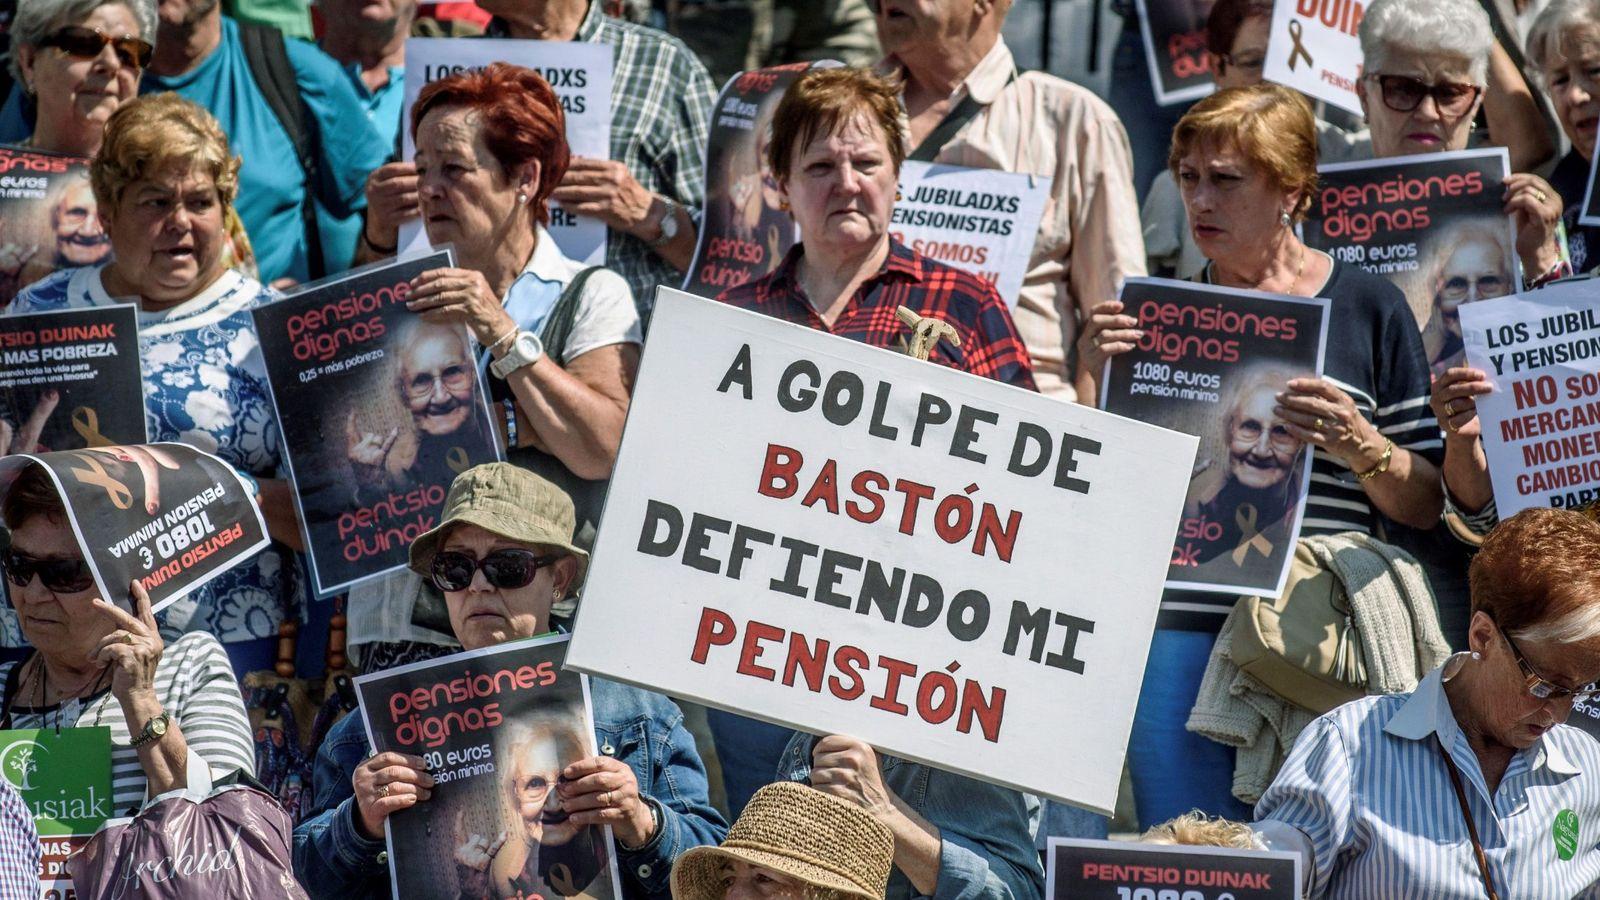 Foto: Concentración convocada en Bilbao por los colectivos de jubilados para reivindicar unas pensiones dignas.